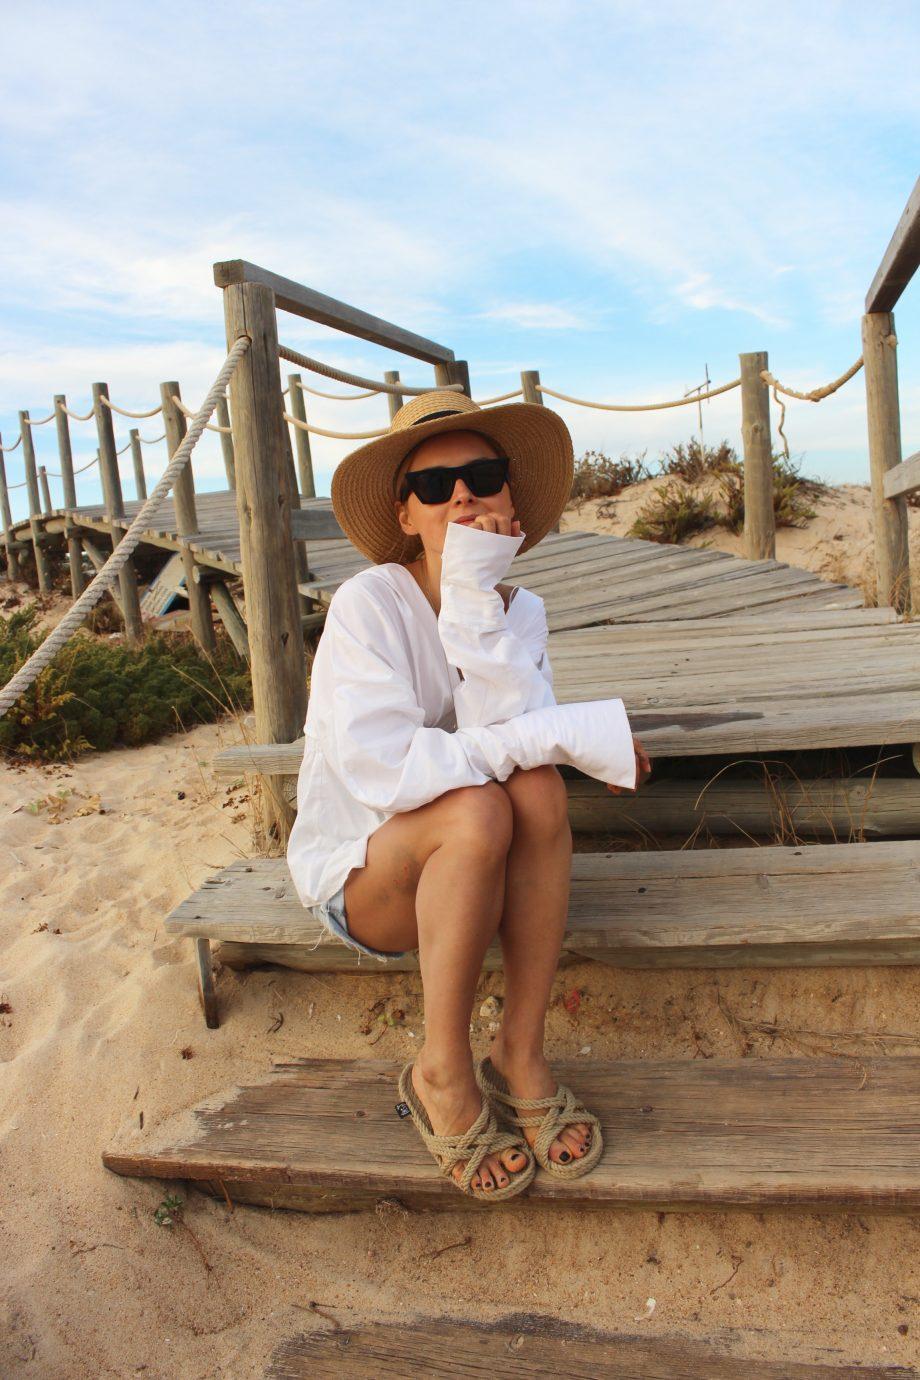 Beach Day in Algarve |15.10.2017